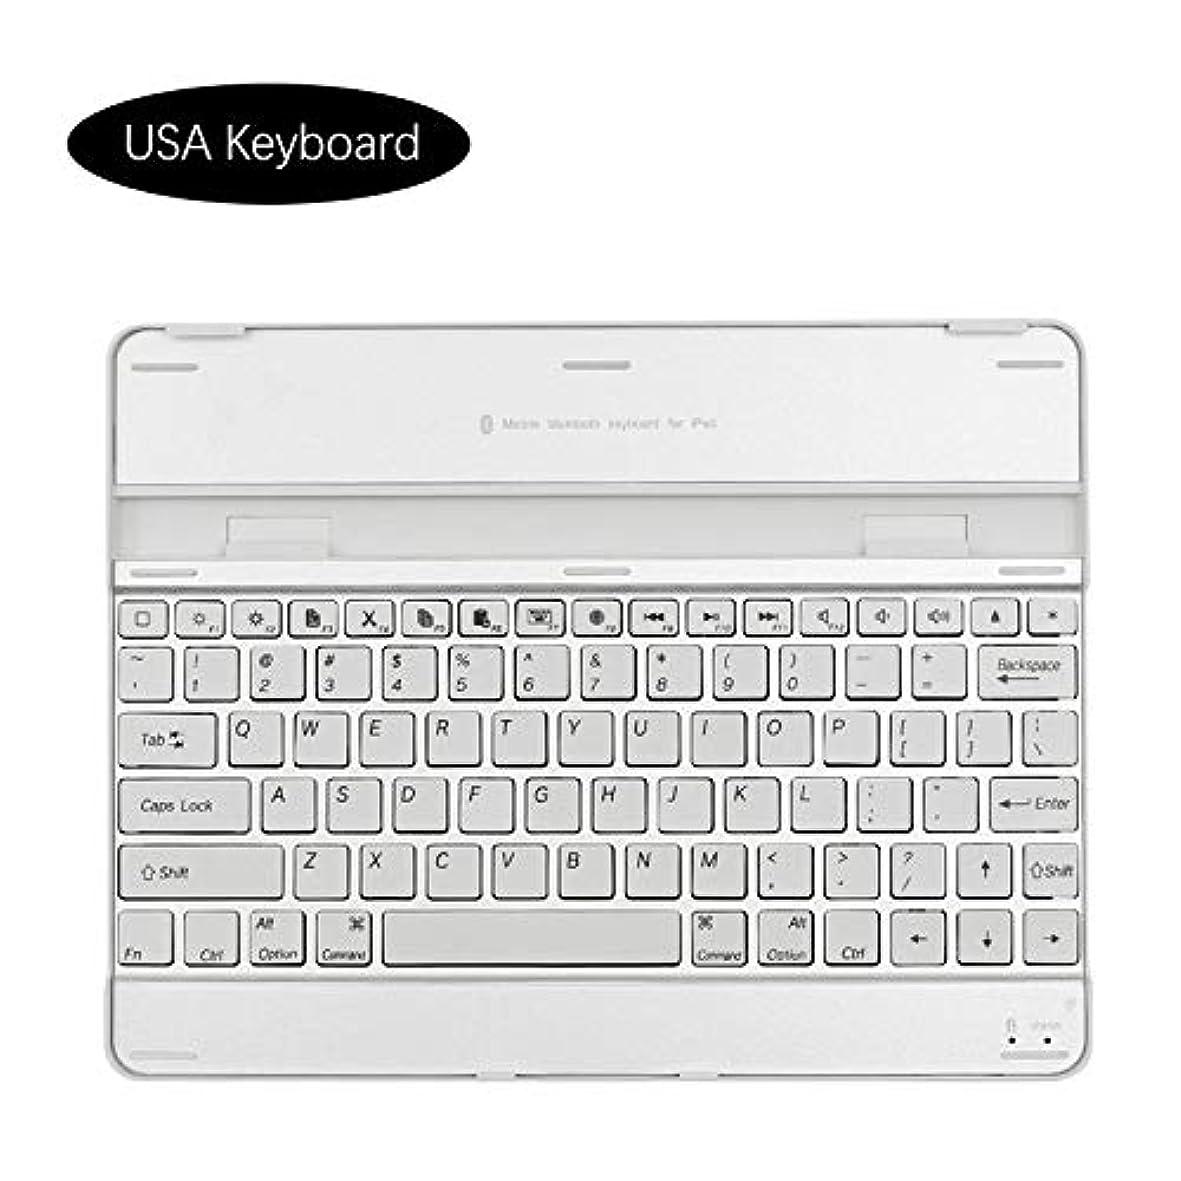 ようこそワーカー咲くiPad 2 3 4 Aluminium Alloy USA Keyboard シェル, Phoebe 最大 耐久性のある ハイブリッド スリム 360° 保護 衝撃 吸収 フル ボディー 耐衝撃性 Durable シェル の iPad 2 3 4 Aluminium Alloy USA Keyboard